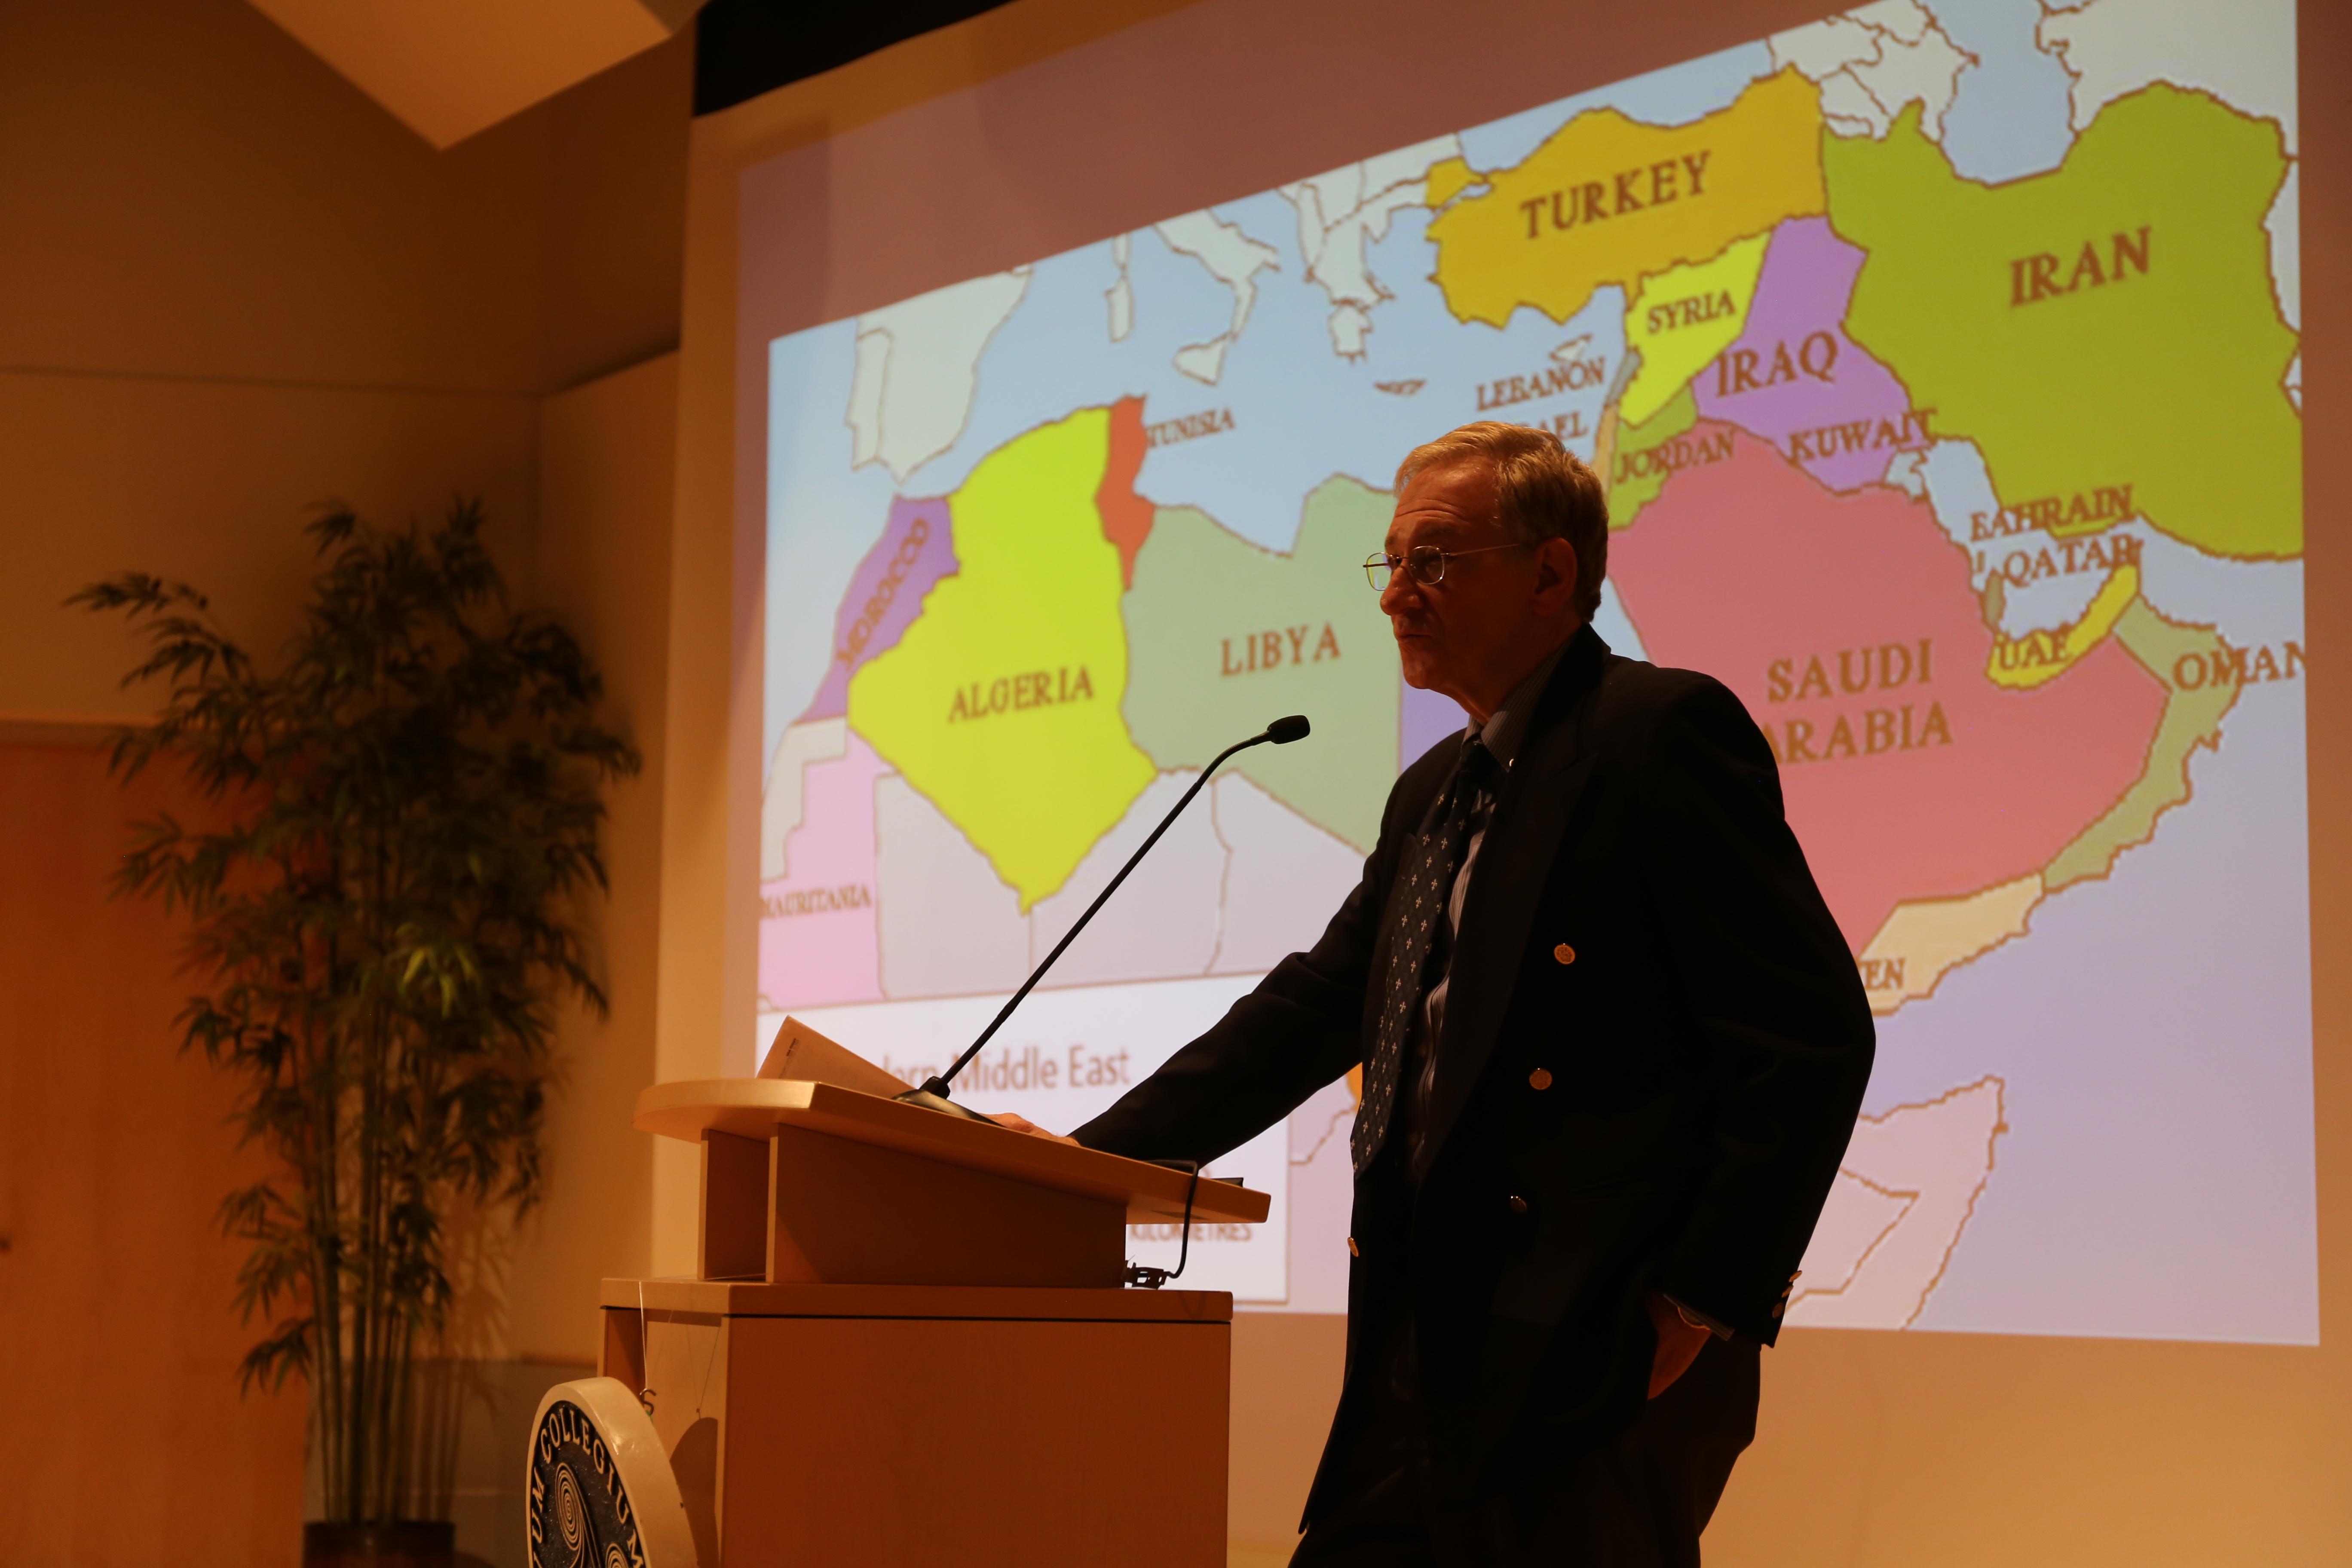 Dr. Ralph Nurnberger